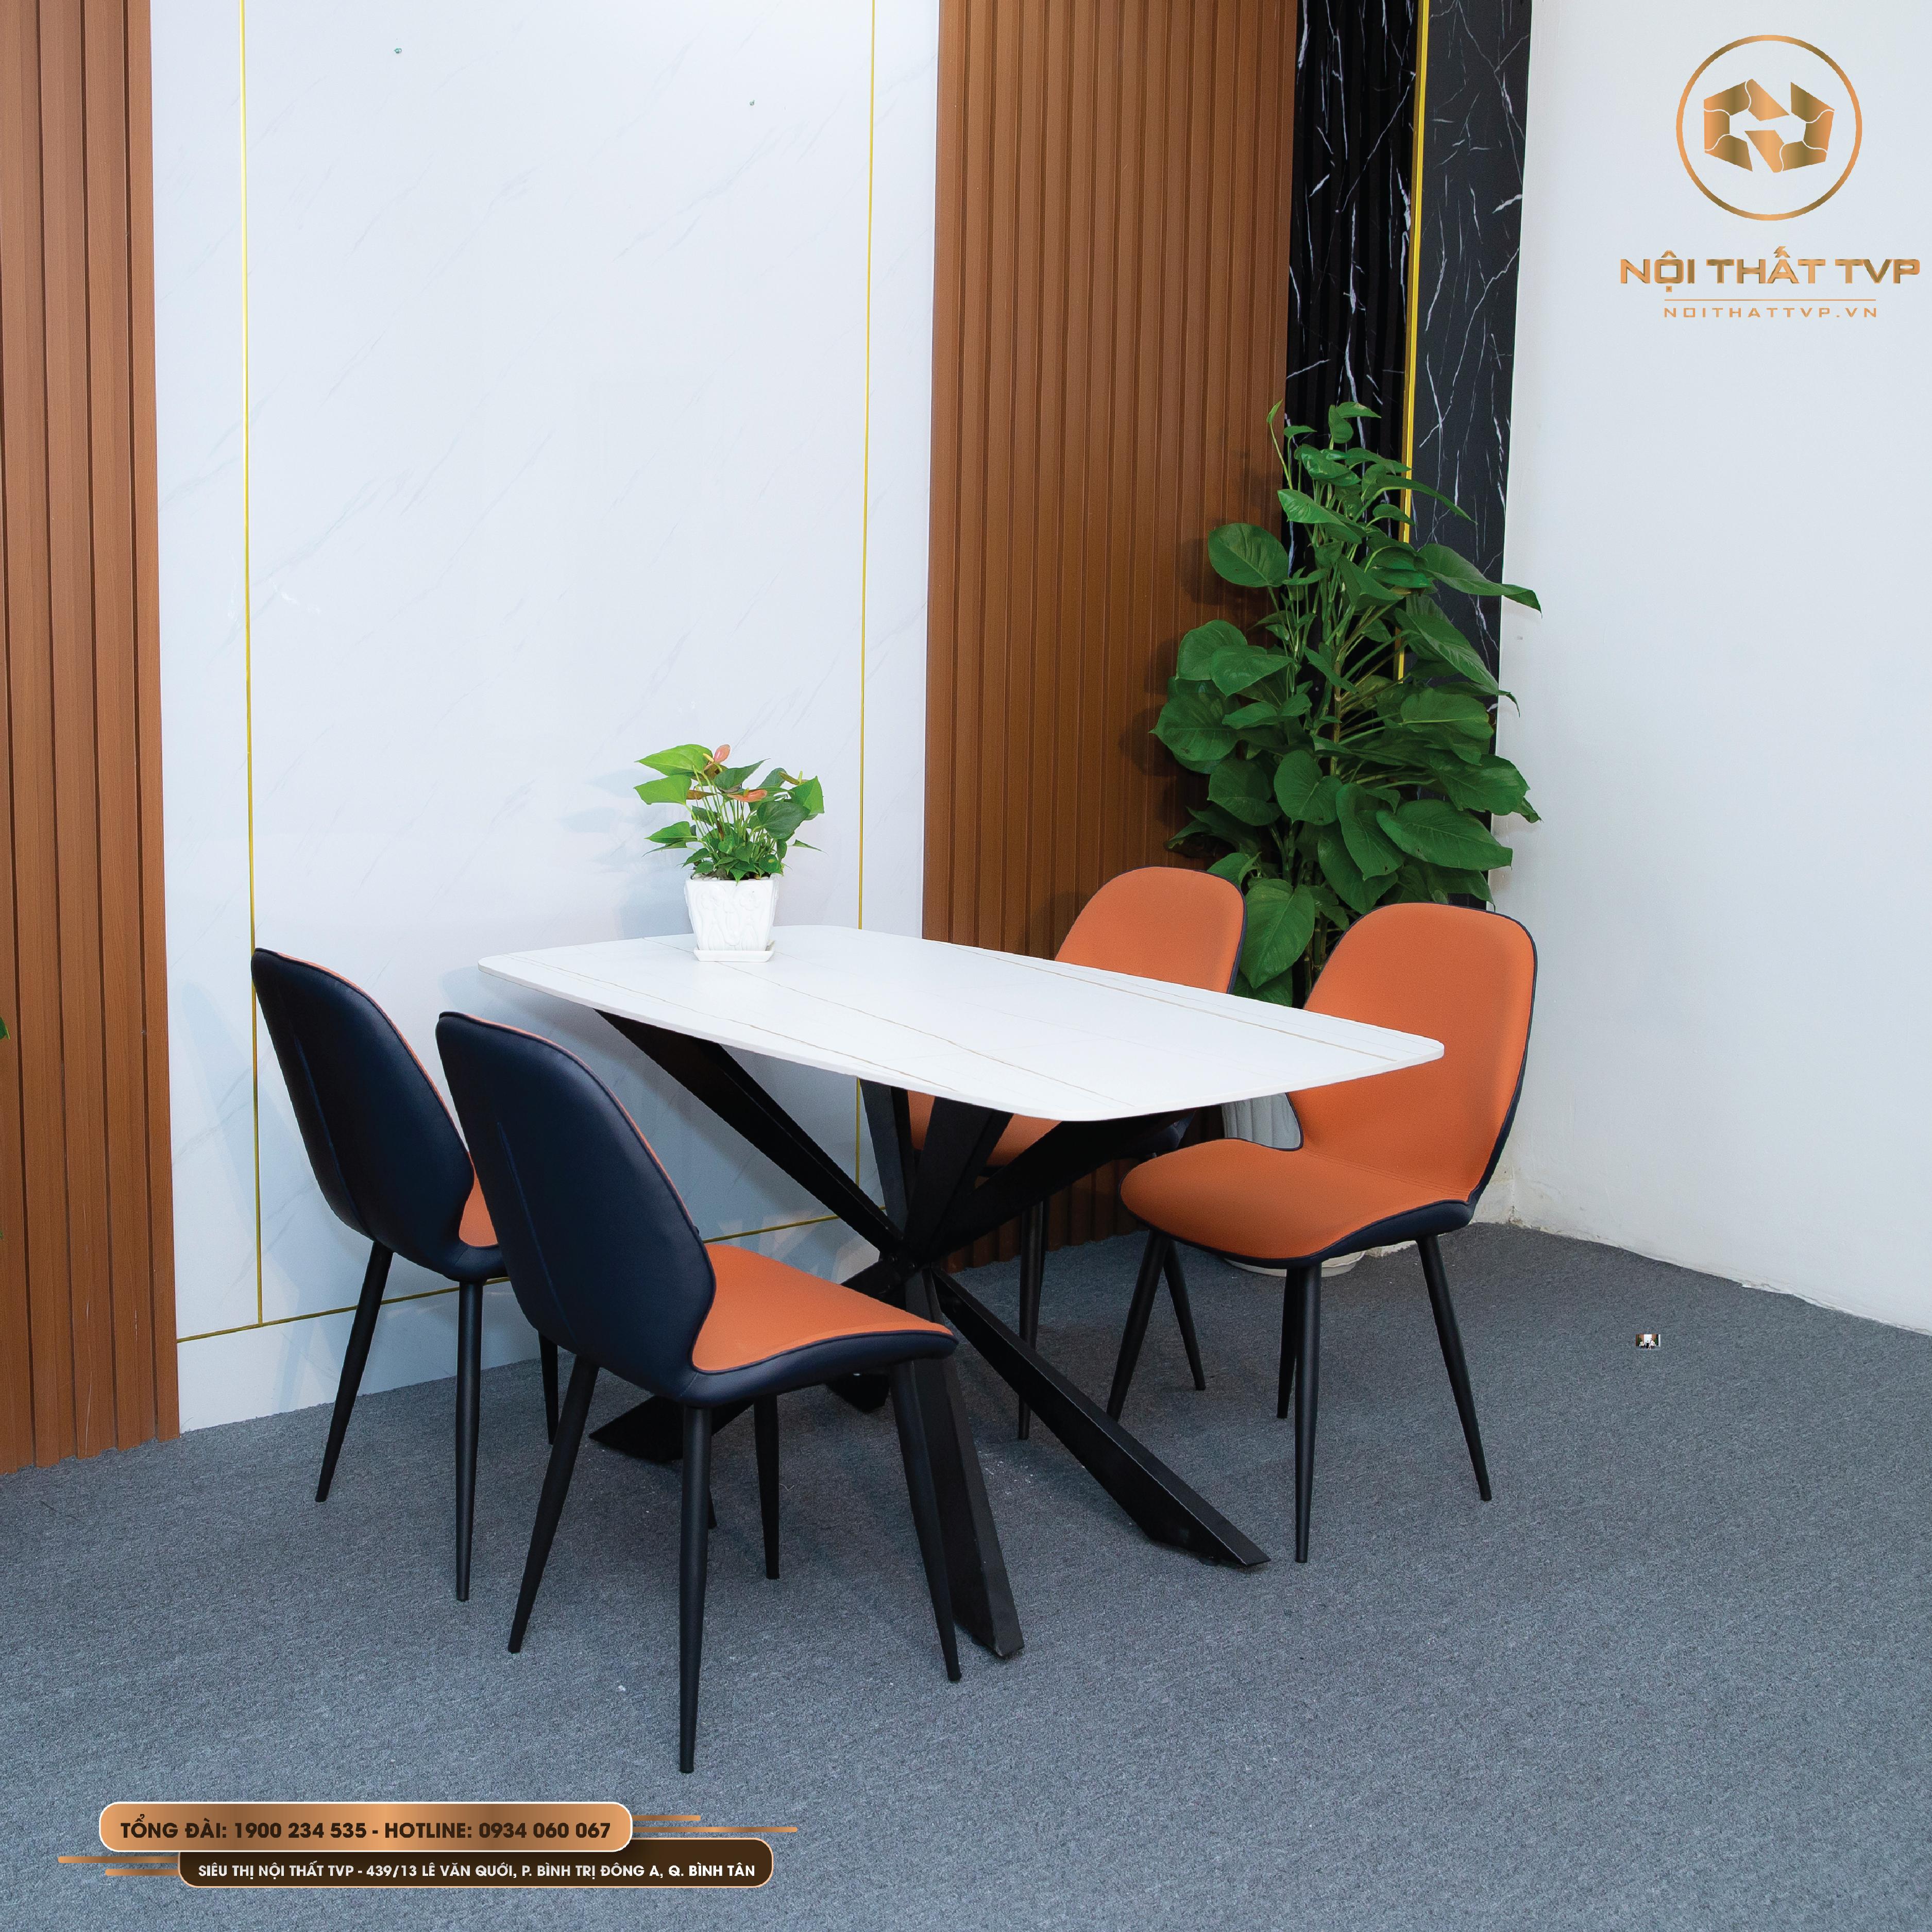 Bộ bàn ăn mặt đá ceramic 4 ghế